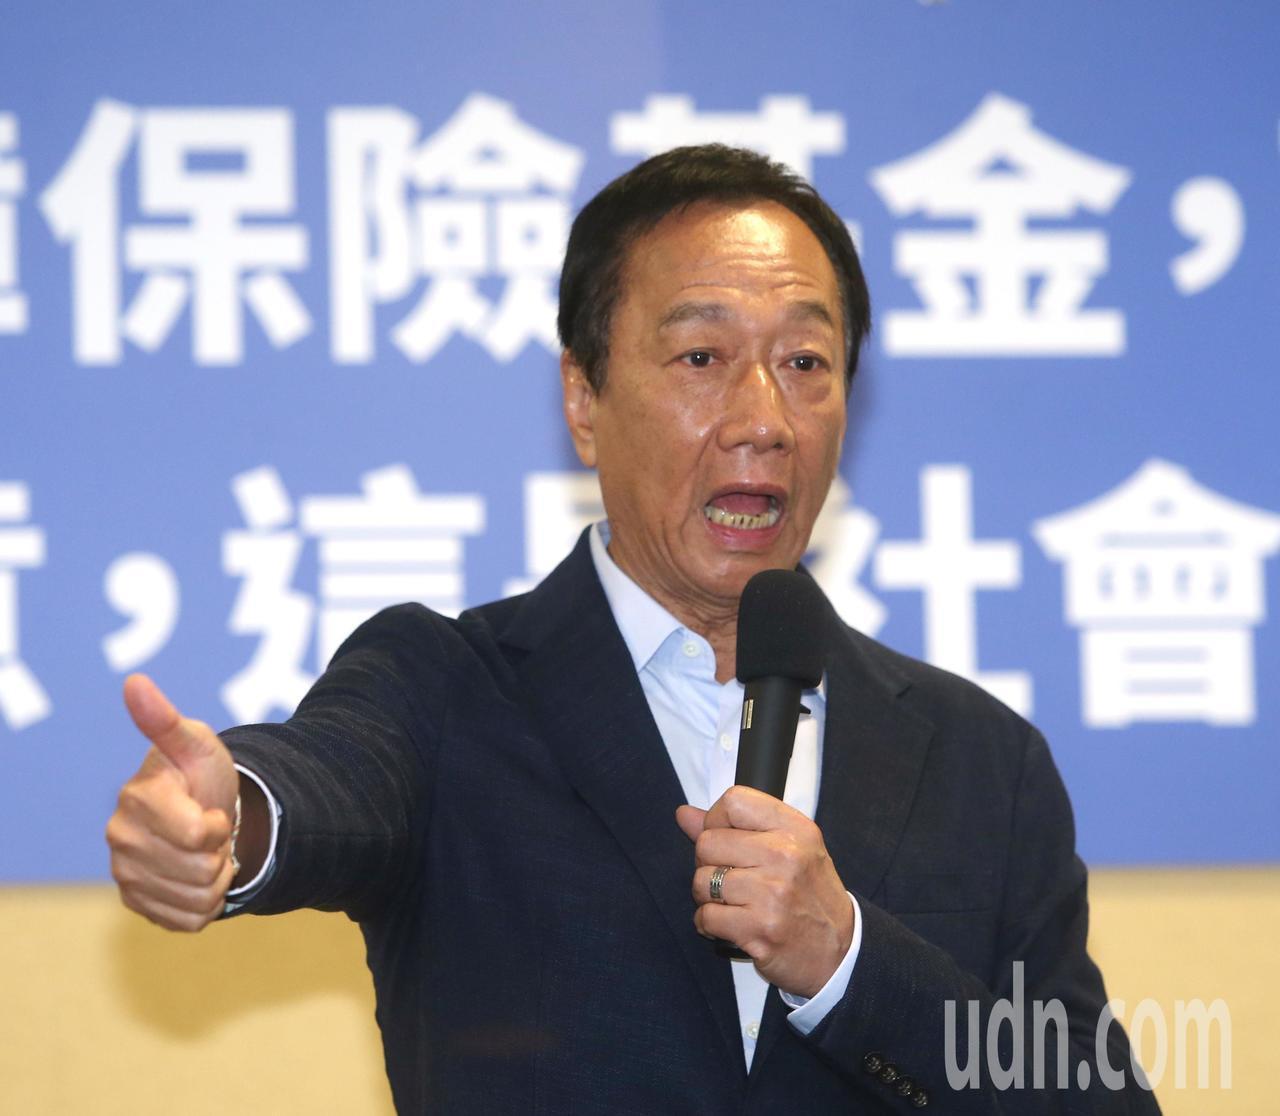 國民黨總統初選民調結果出爐,由韓國瑜勝出,鴻海股價失守月線。記者曾吉松/攝影